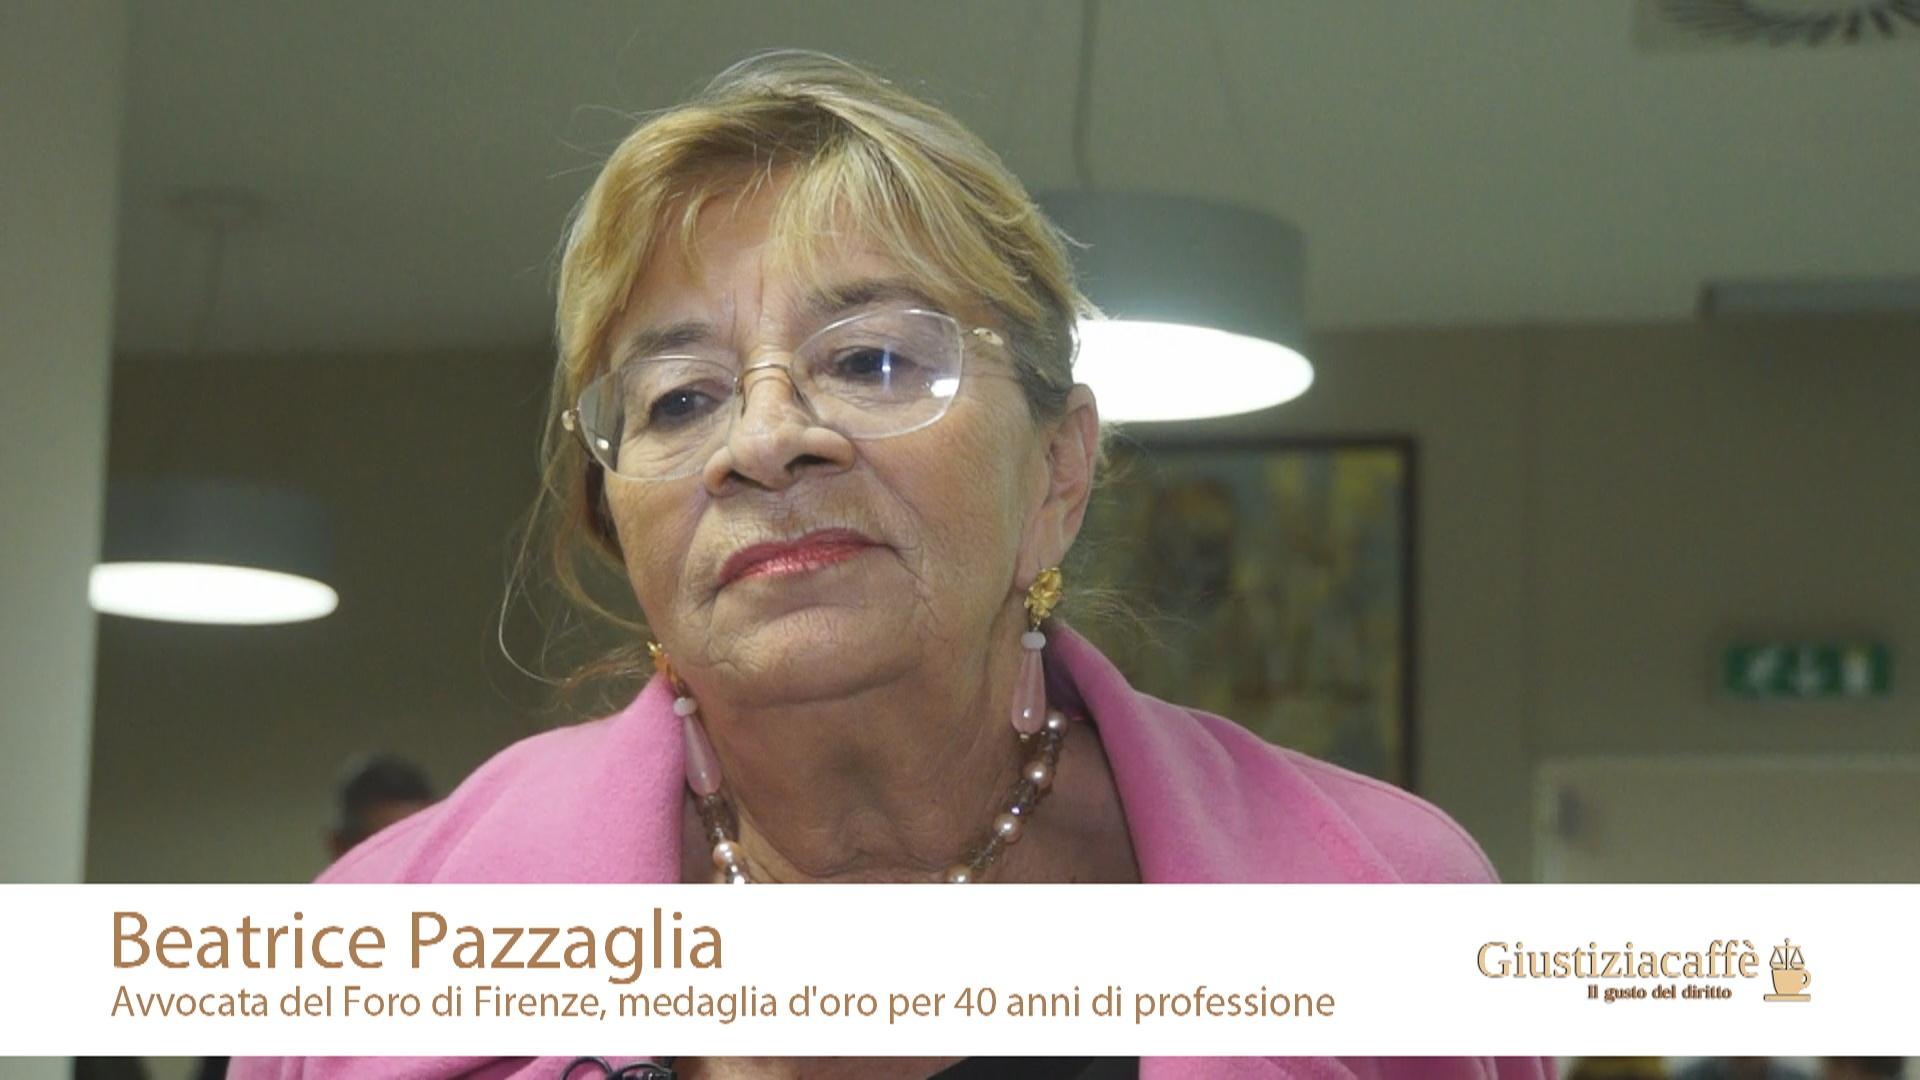 Beatrice Pazzaglia, avvocato del Foro di Firenze, medaglia d'oro per 40 anni di professione